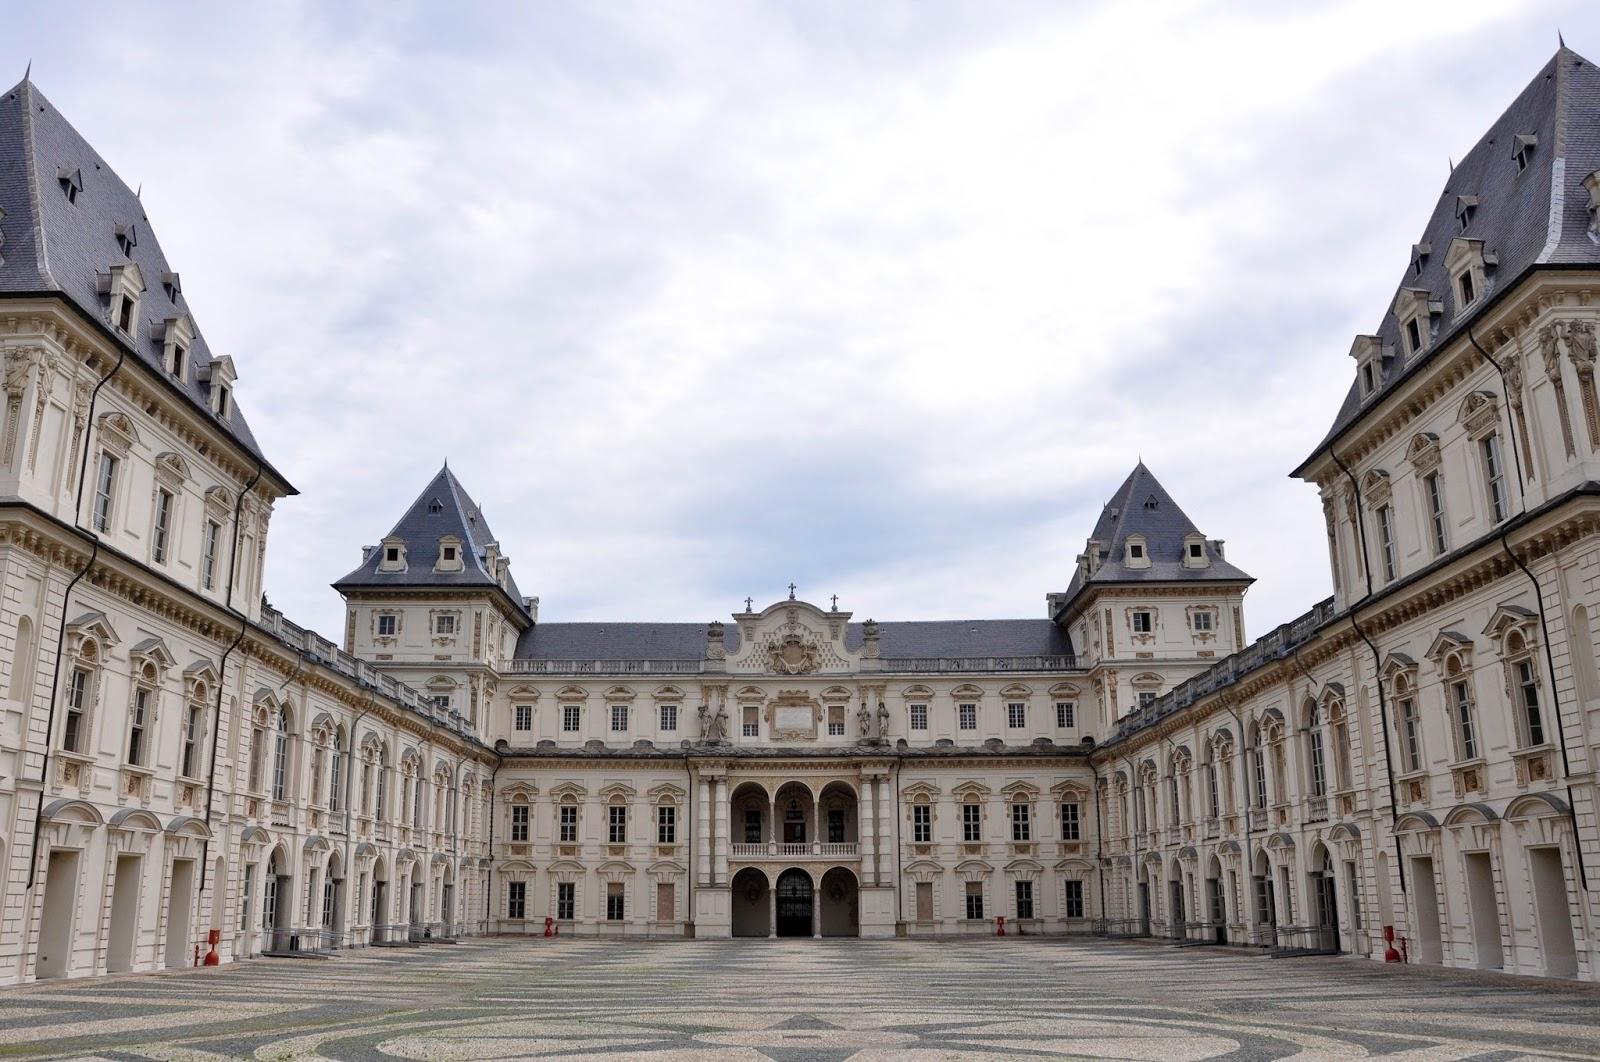 Palazzo Valentino, Parco Valentino, Turin, Italy